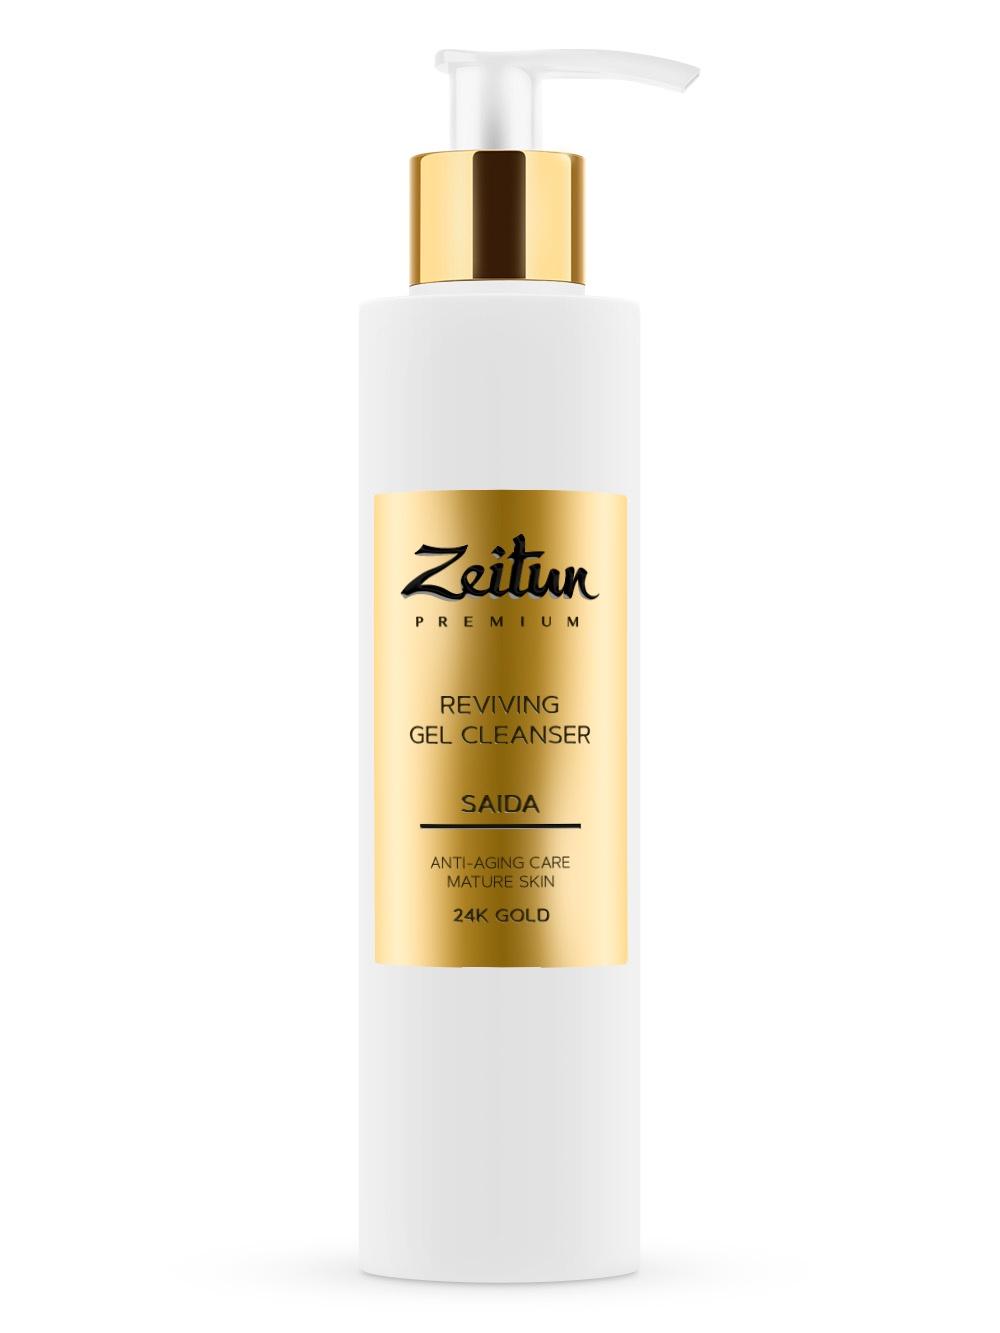 Гель для умывания Зейтун SAIDA, возрождающий, для зрелой кожи, с 24K золотом, 200 мл Зейтун